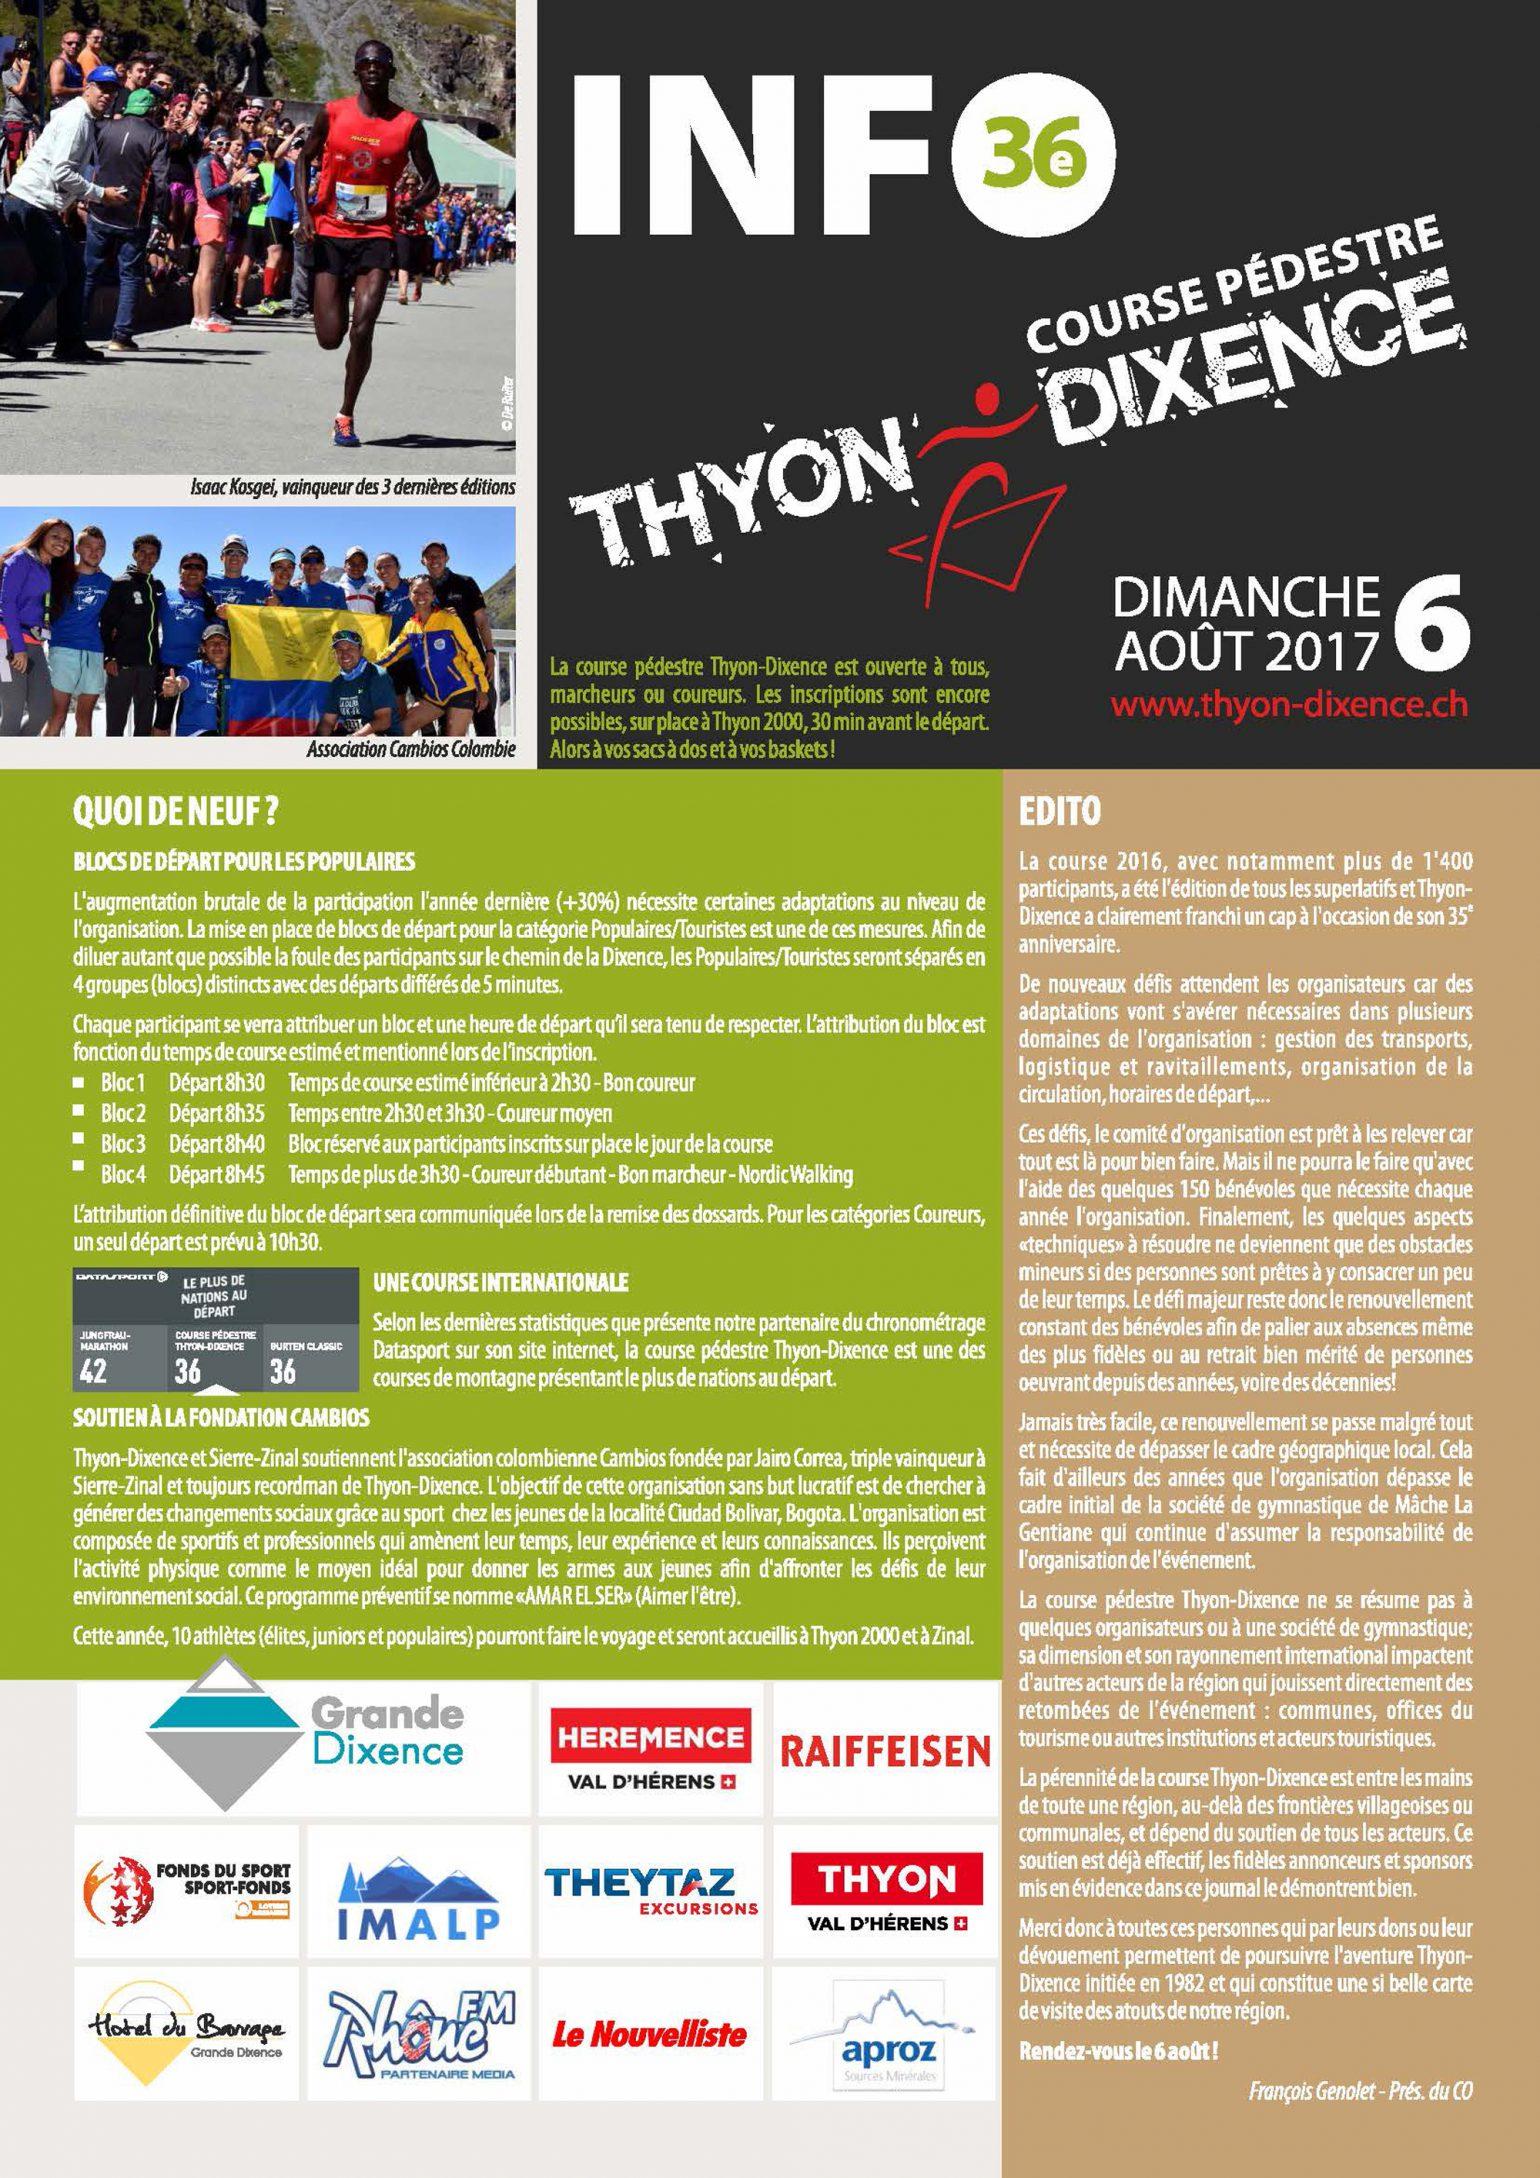 thyon_dixence_soutien_meyer_architecture_sion_01